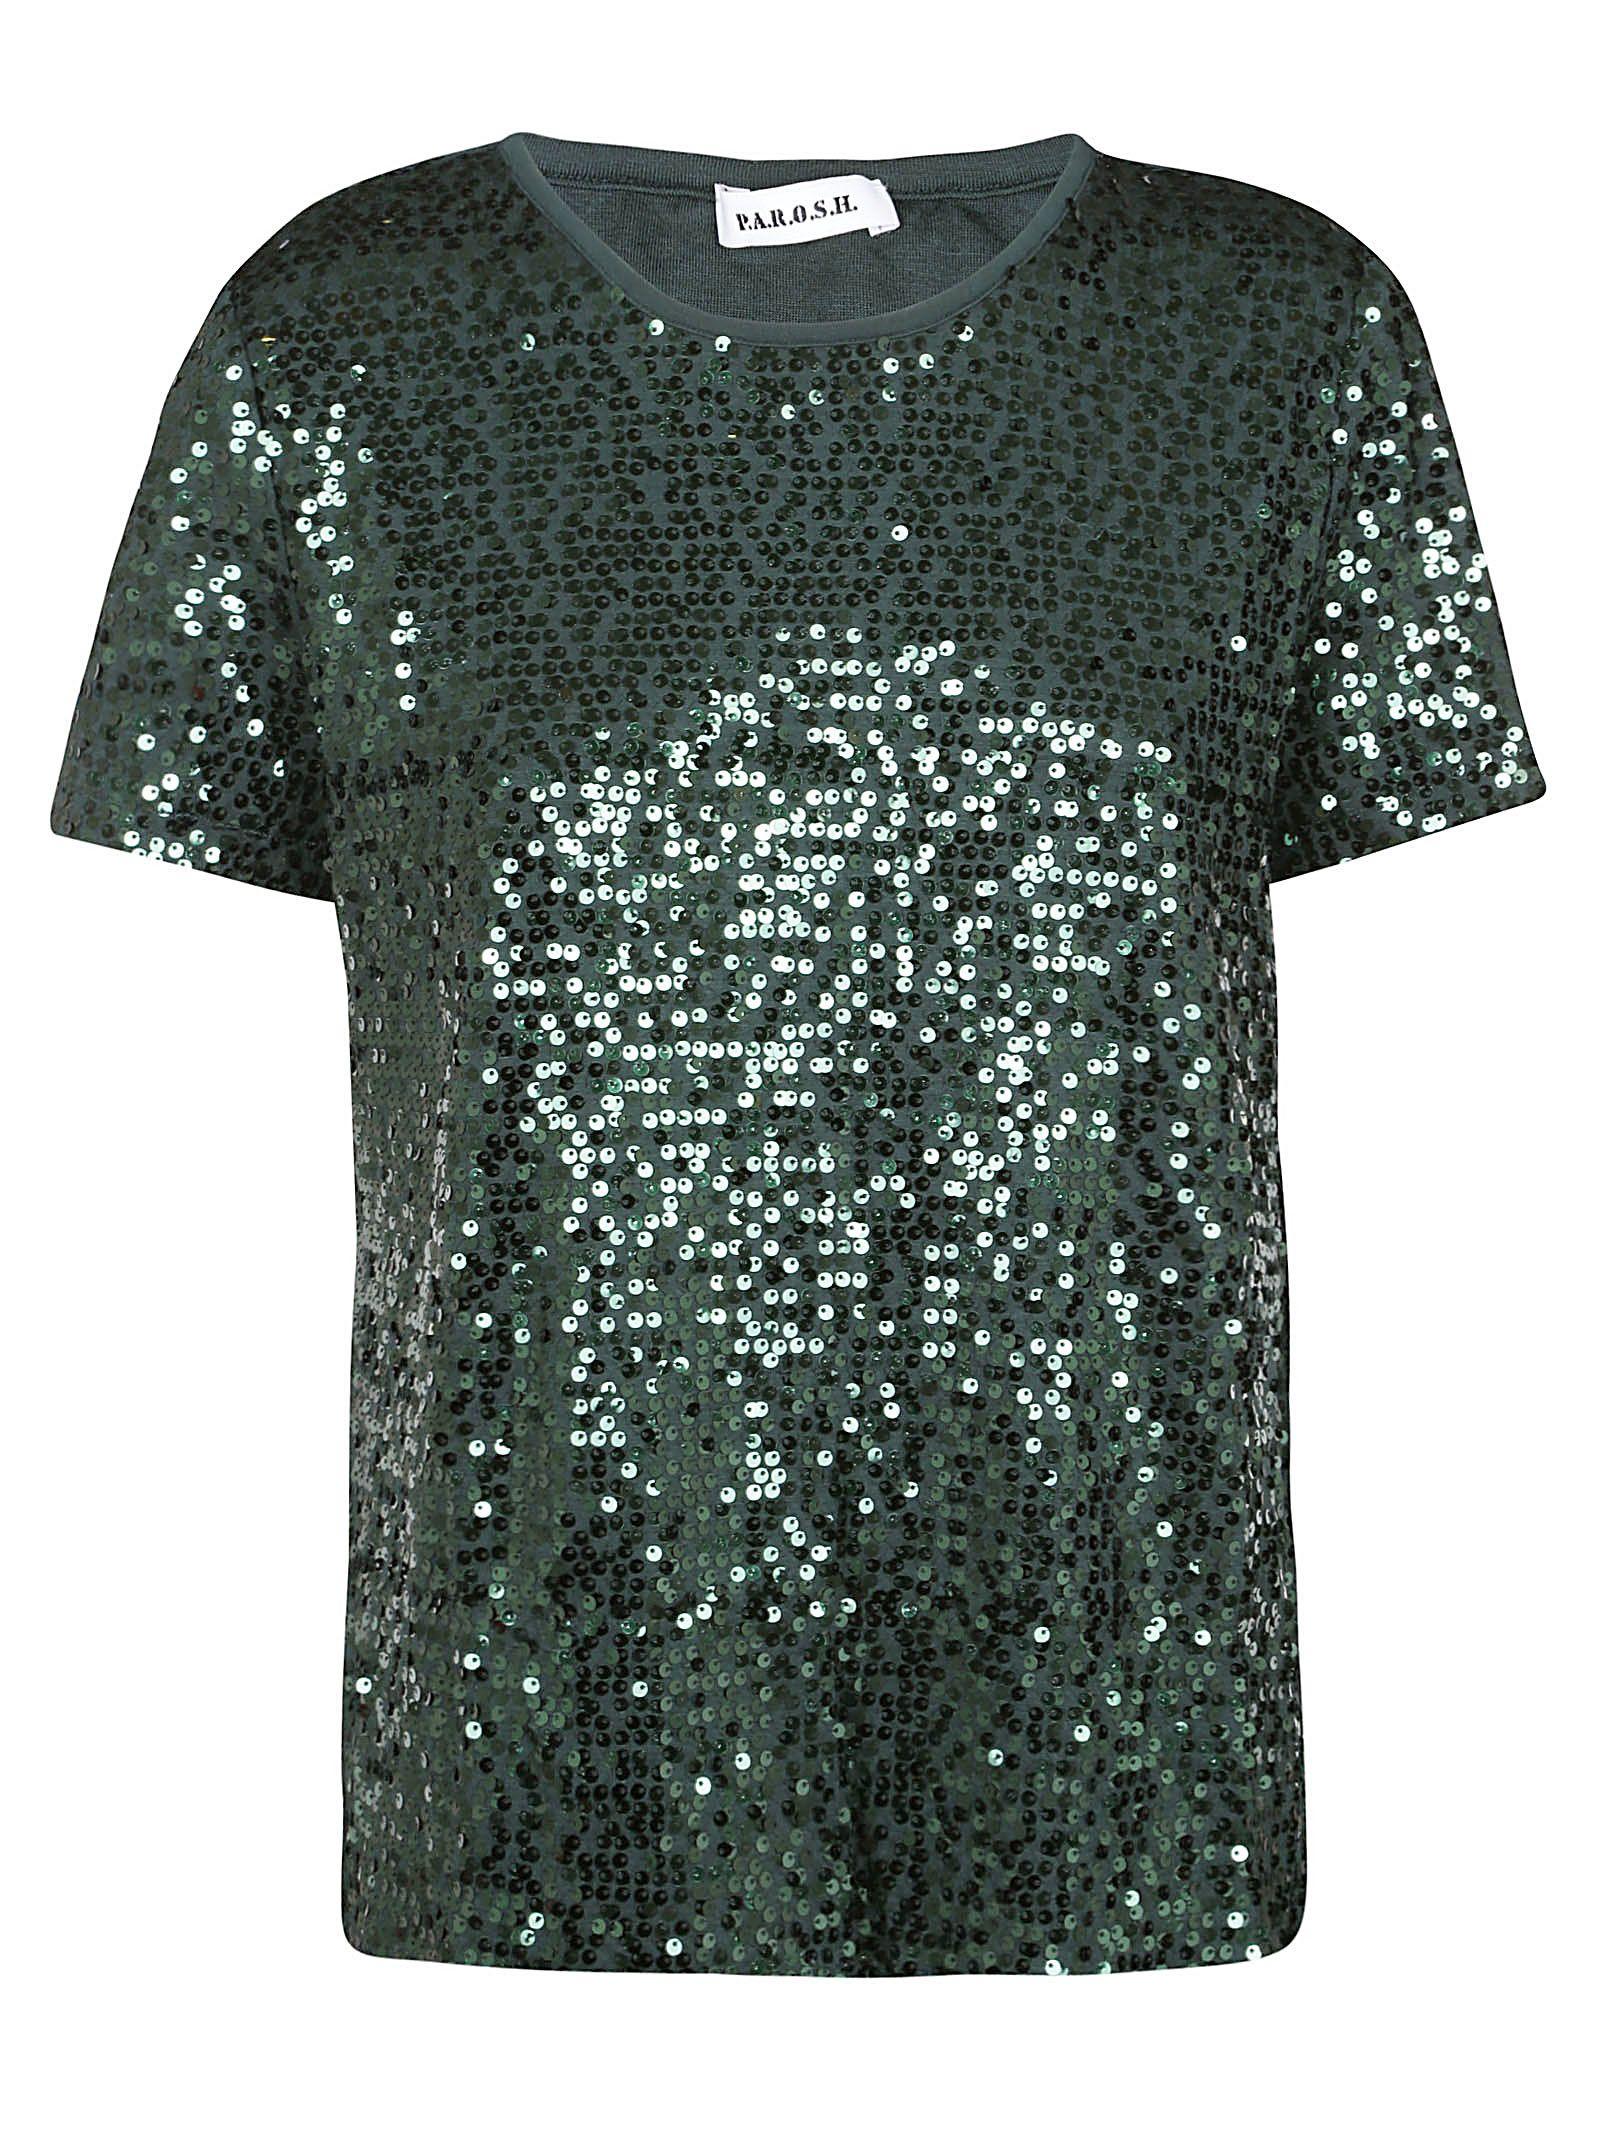 Parosh Embellished T-shirt